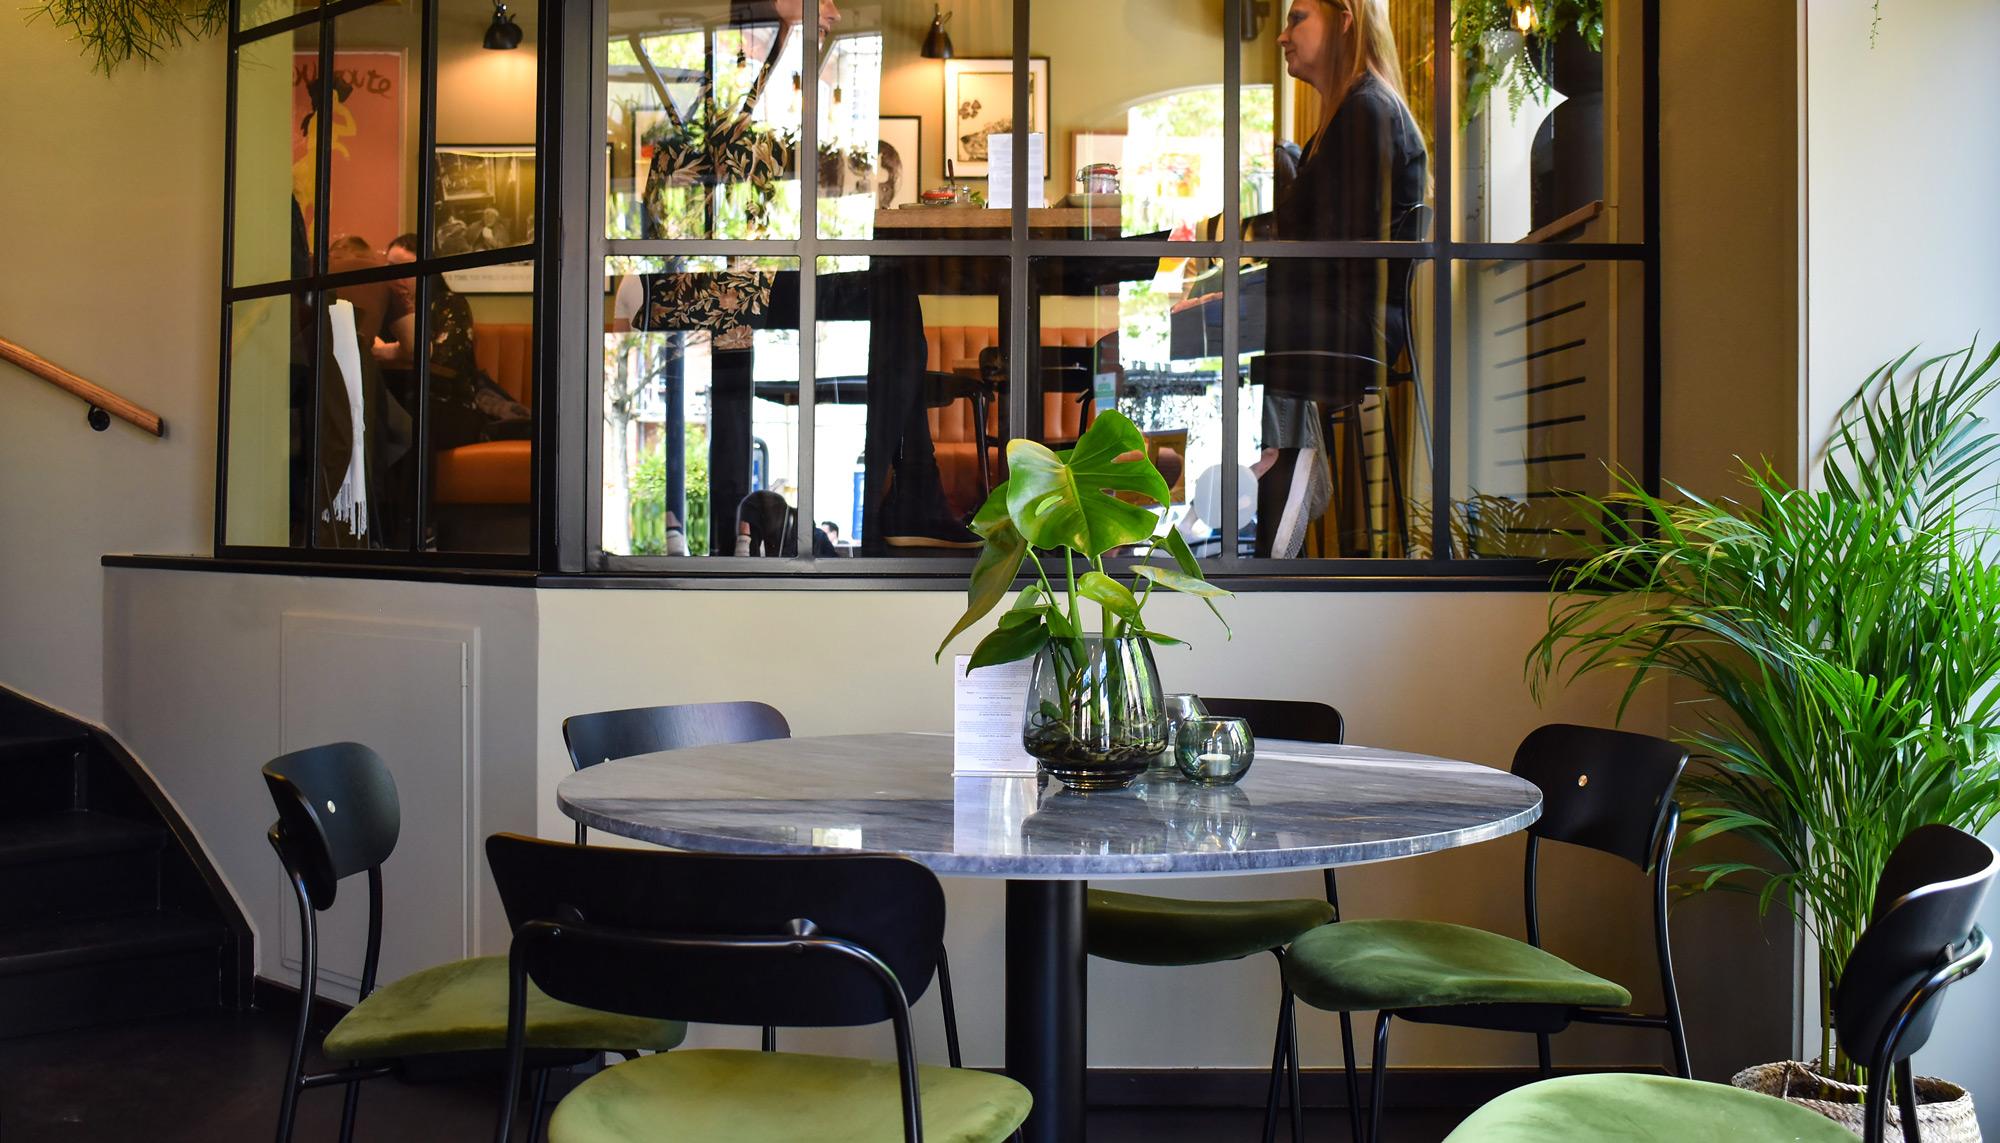 7,5 kvm. per gæst: Caféer og restauranter i Aalborg ryster på hovedet af arealmeterkrav